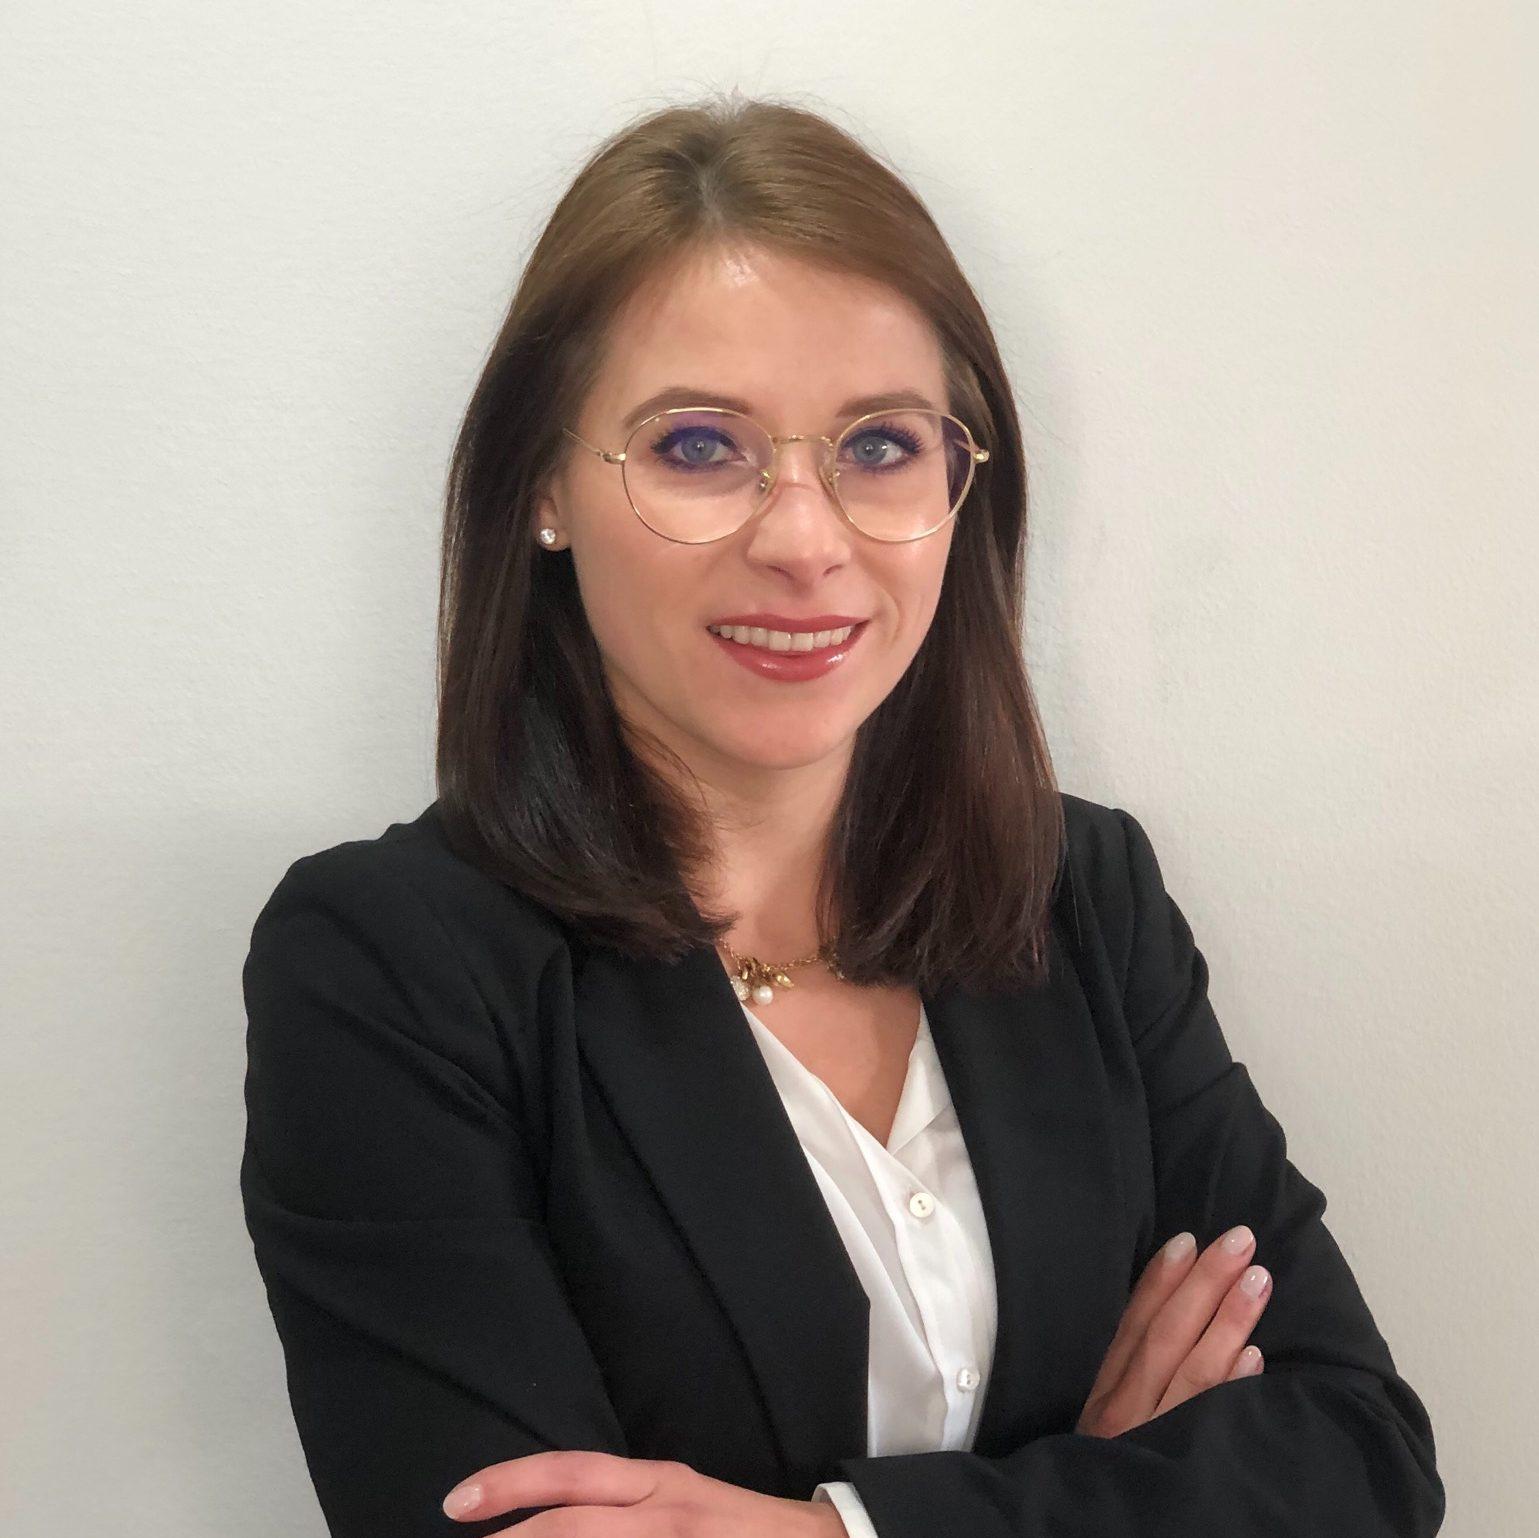 Marion Scherer